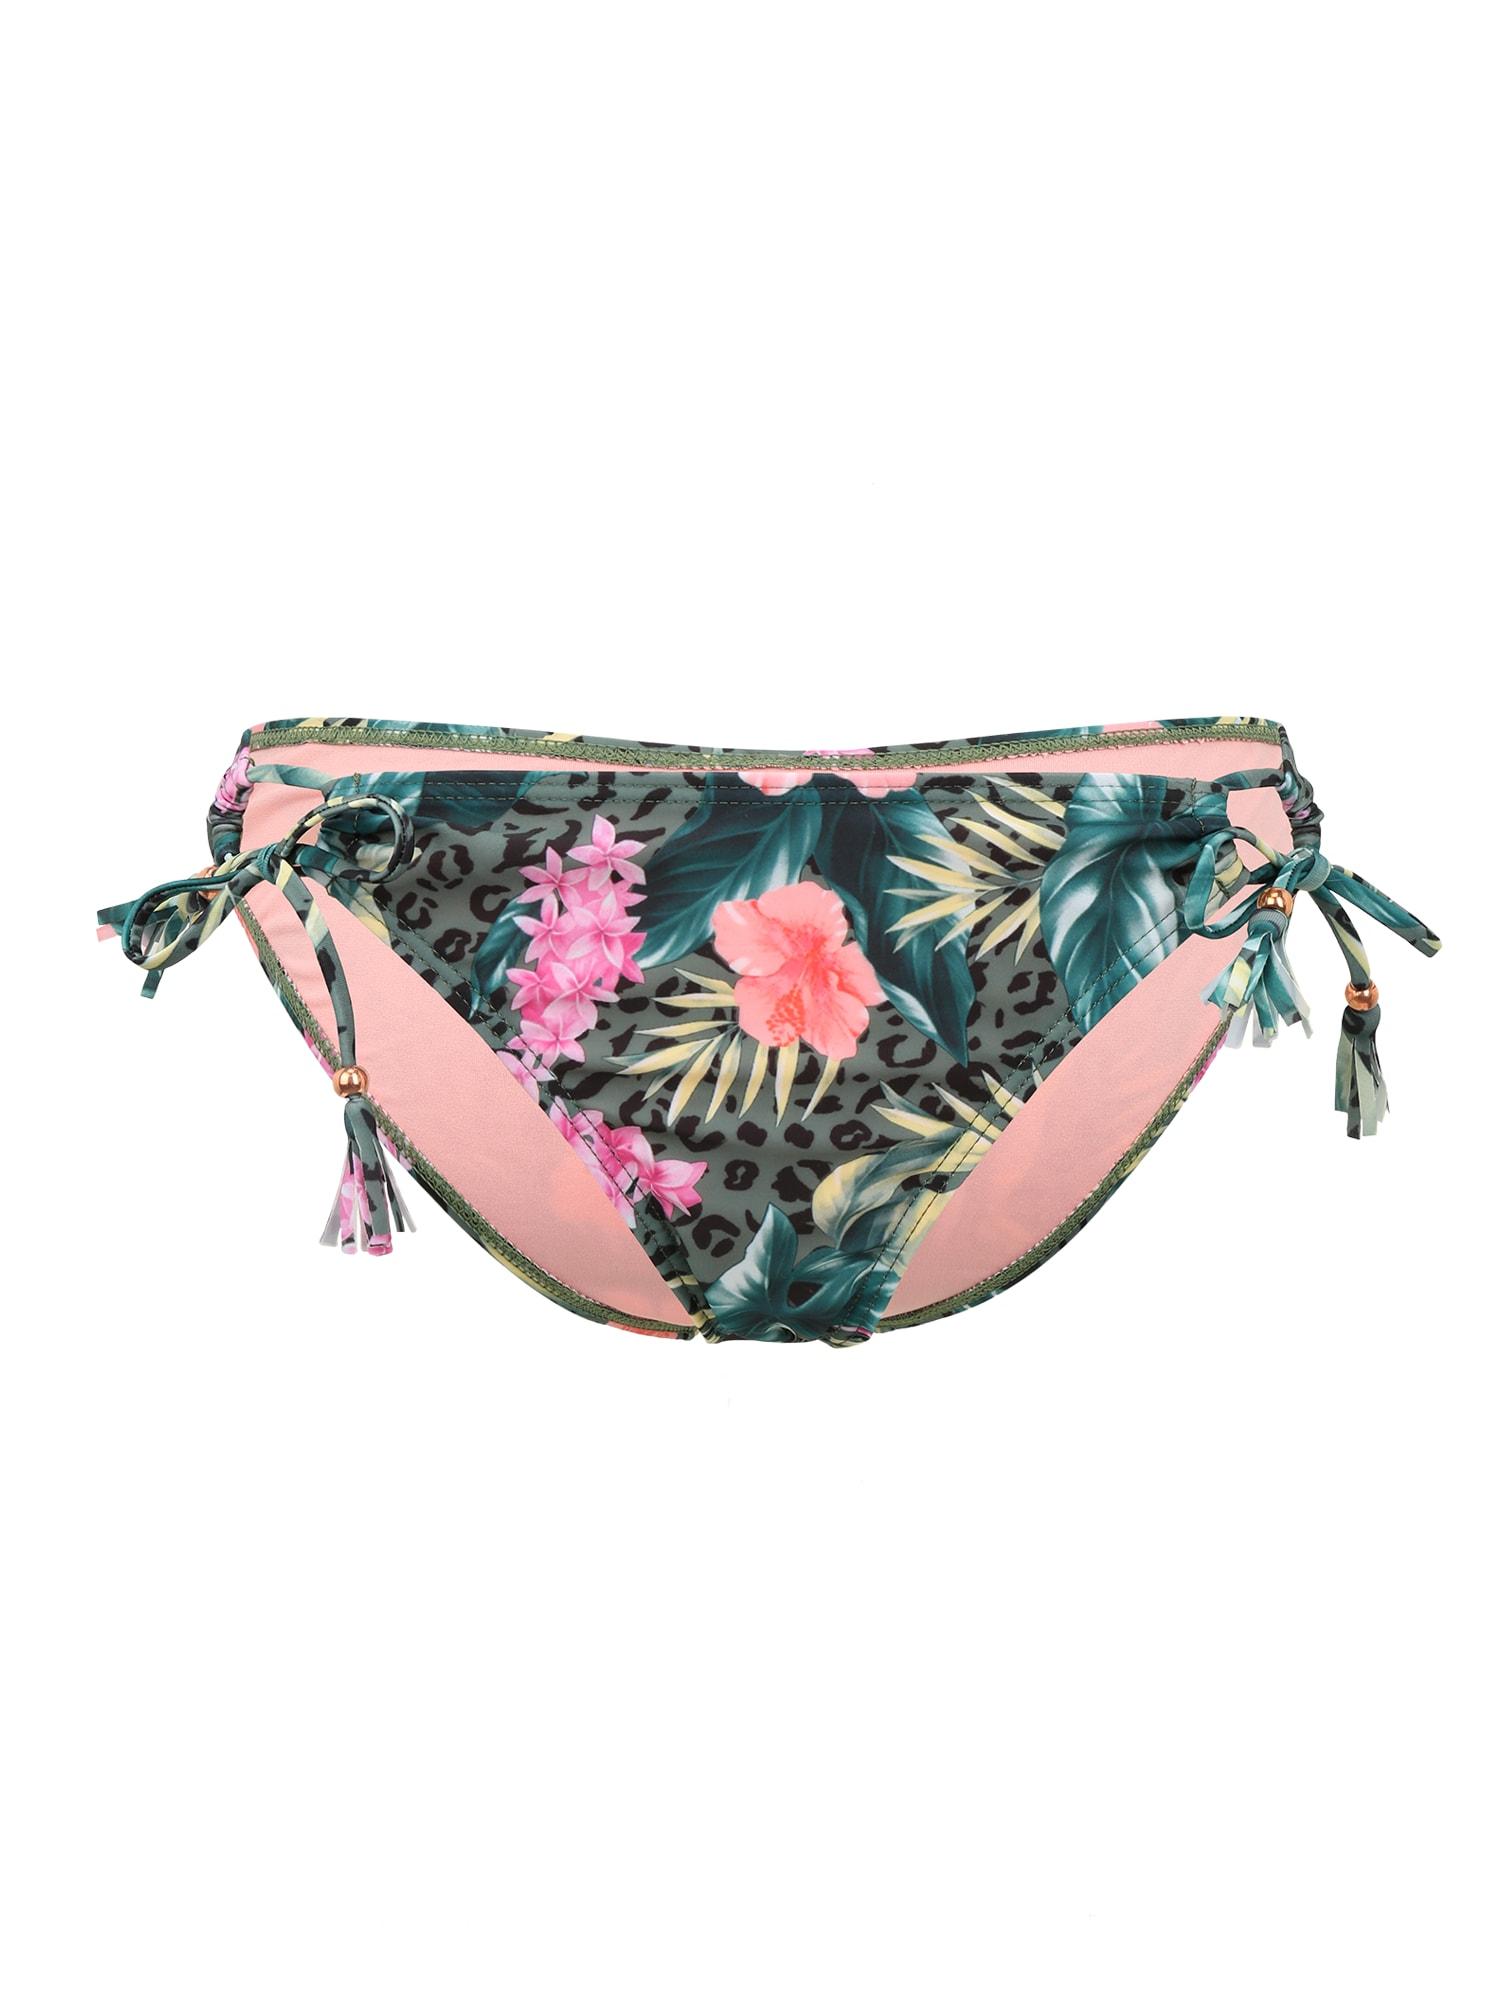 BRUNOTTI Sportinio bikinio kelnaitės 'Sophias' žalia / rožinė